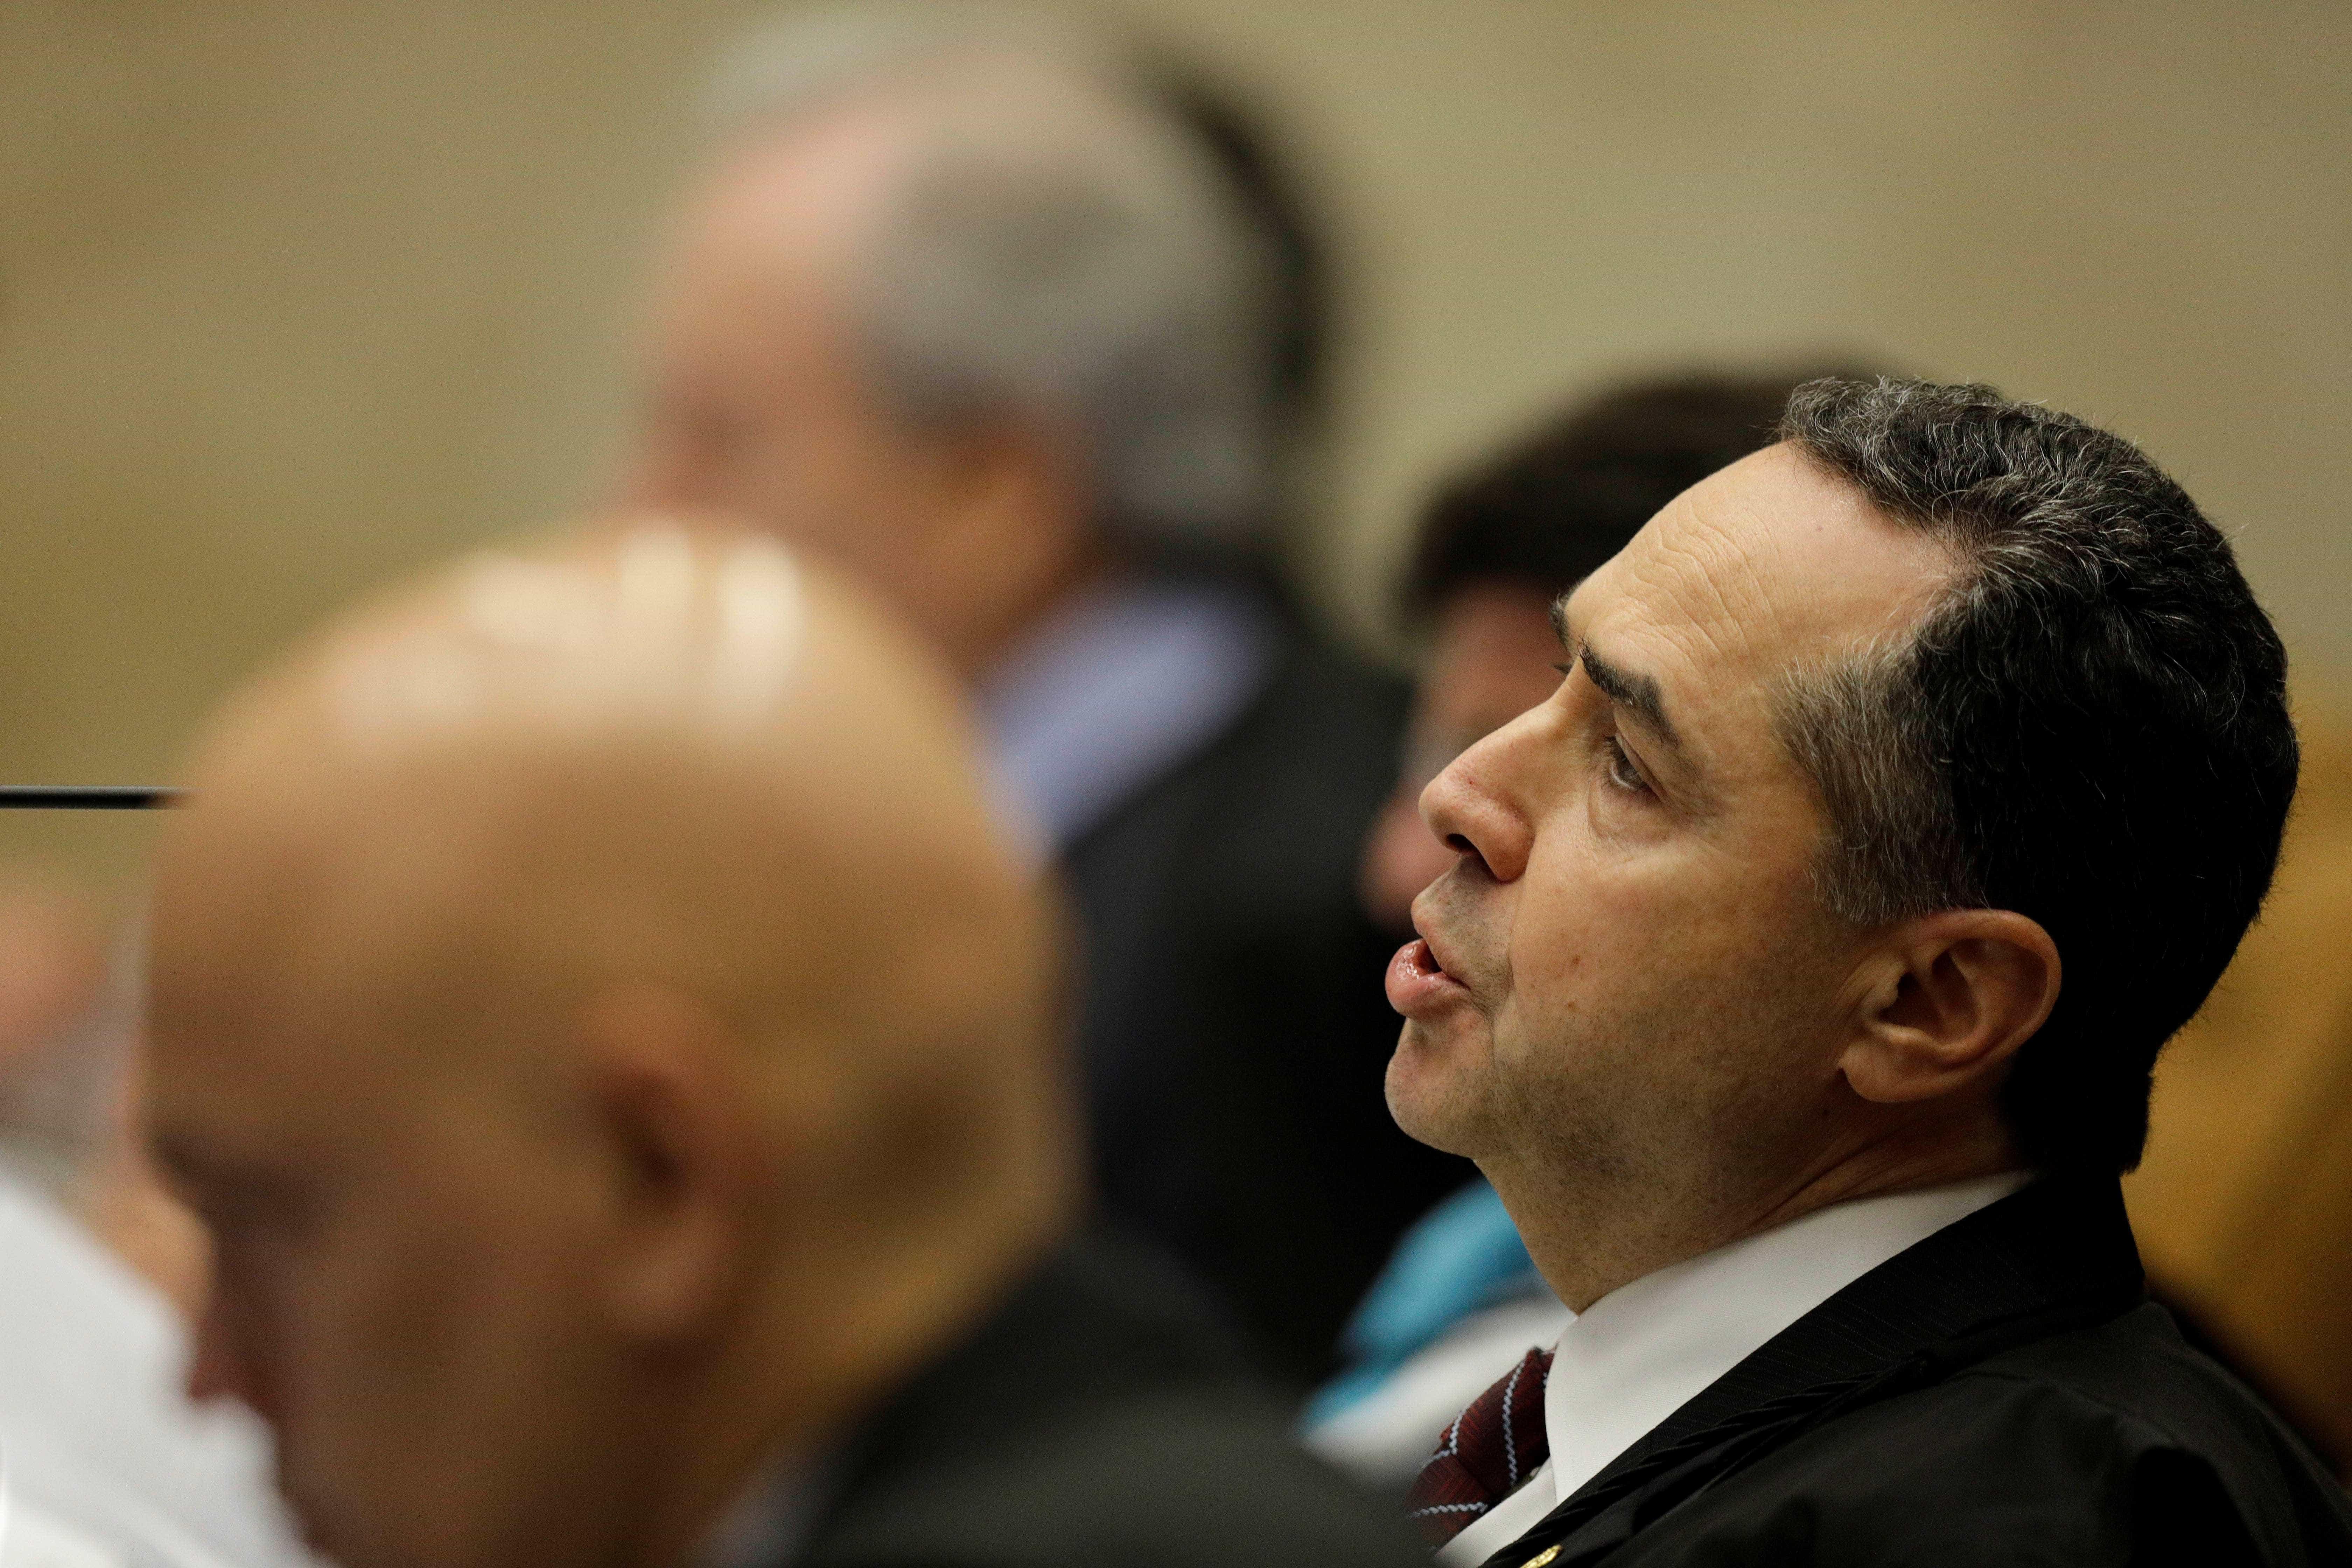 Barroso: presidencialismo de coalizão decide qual parceiro pode roubar